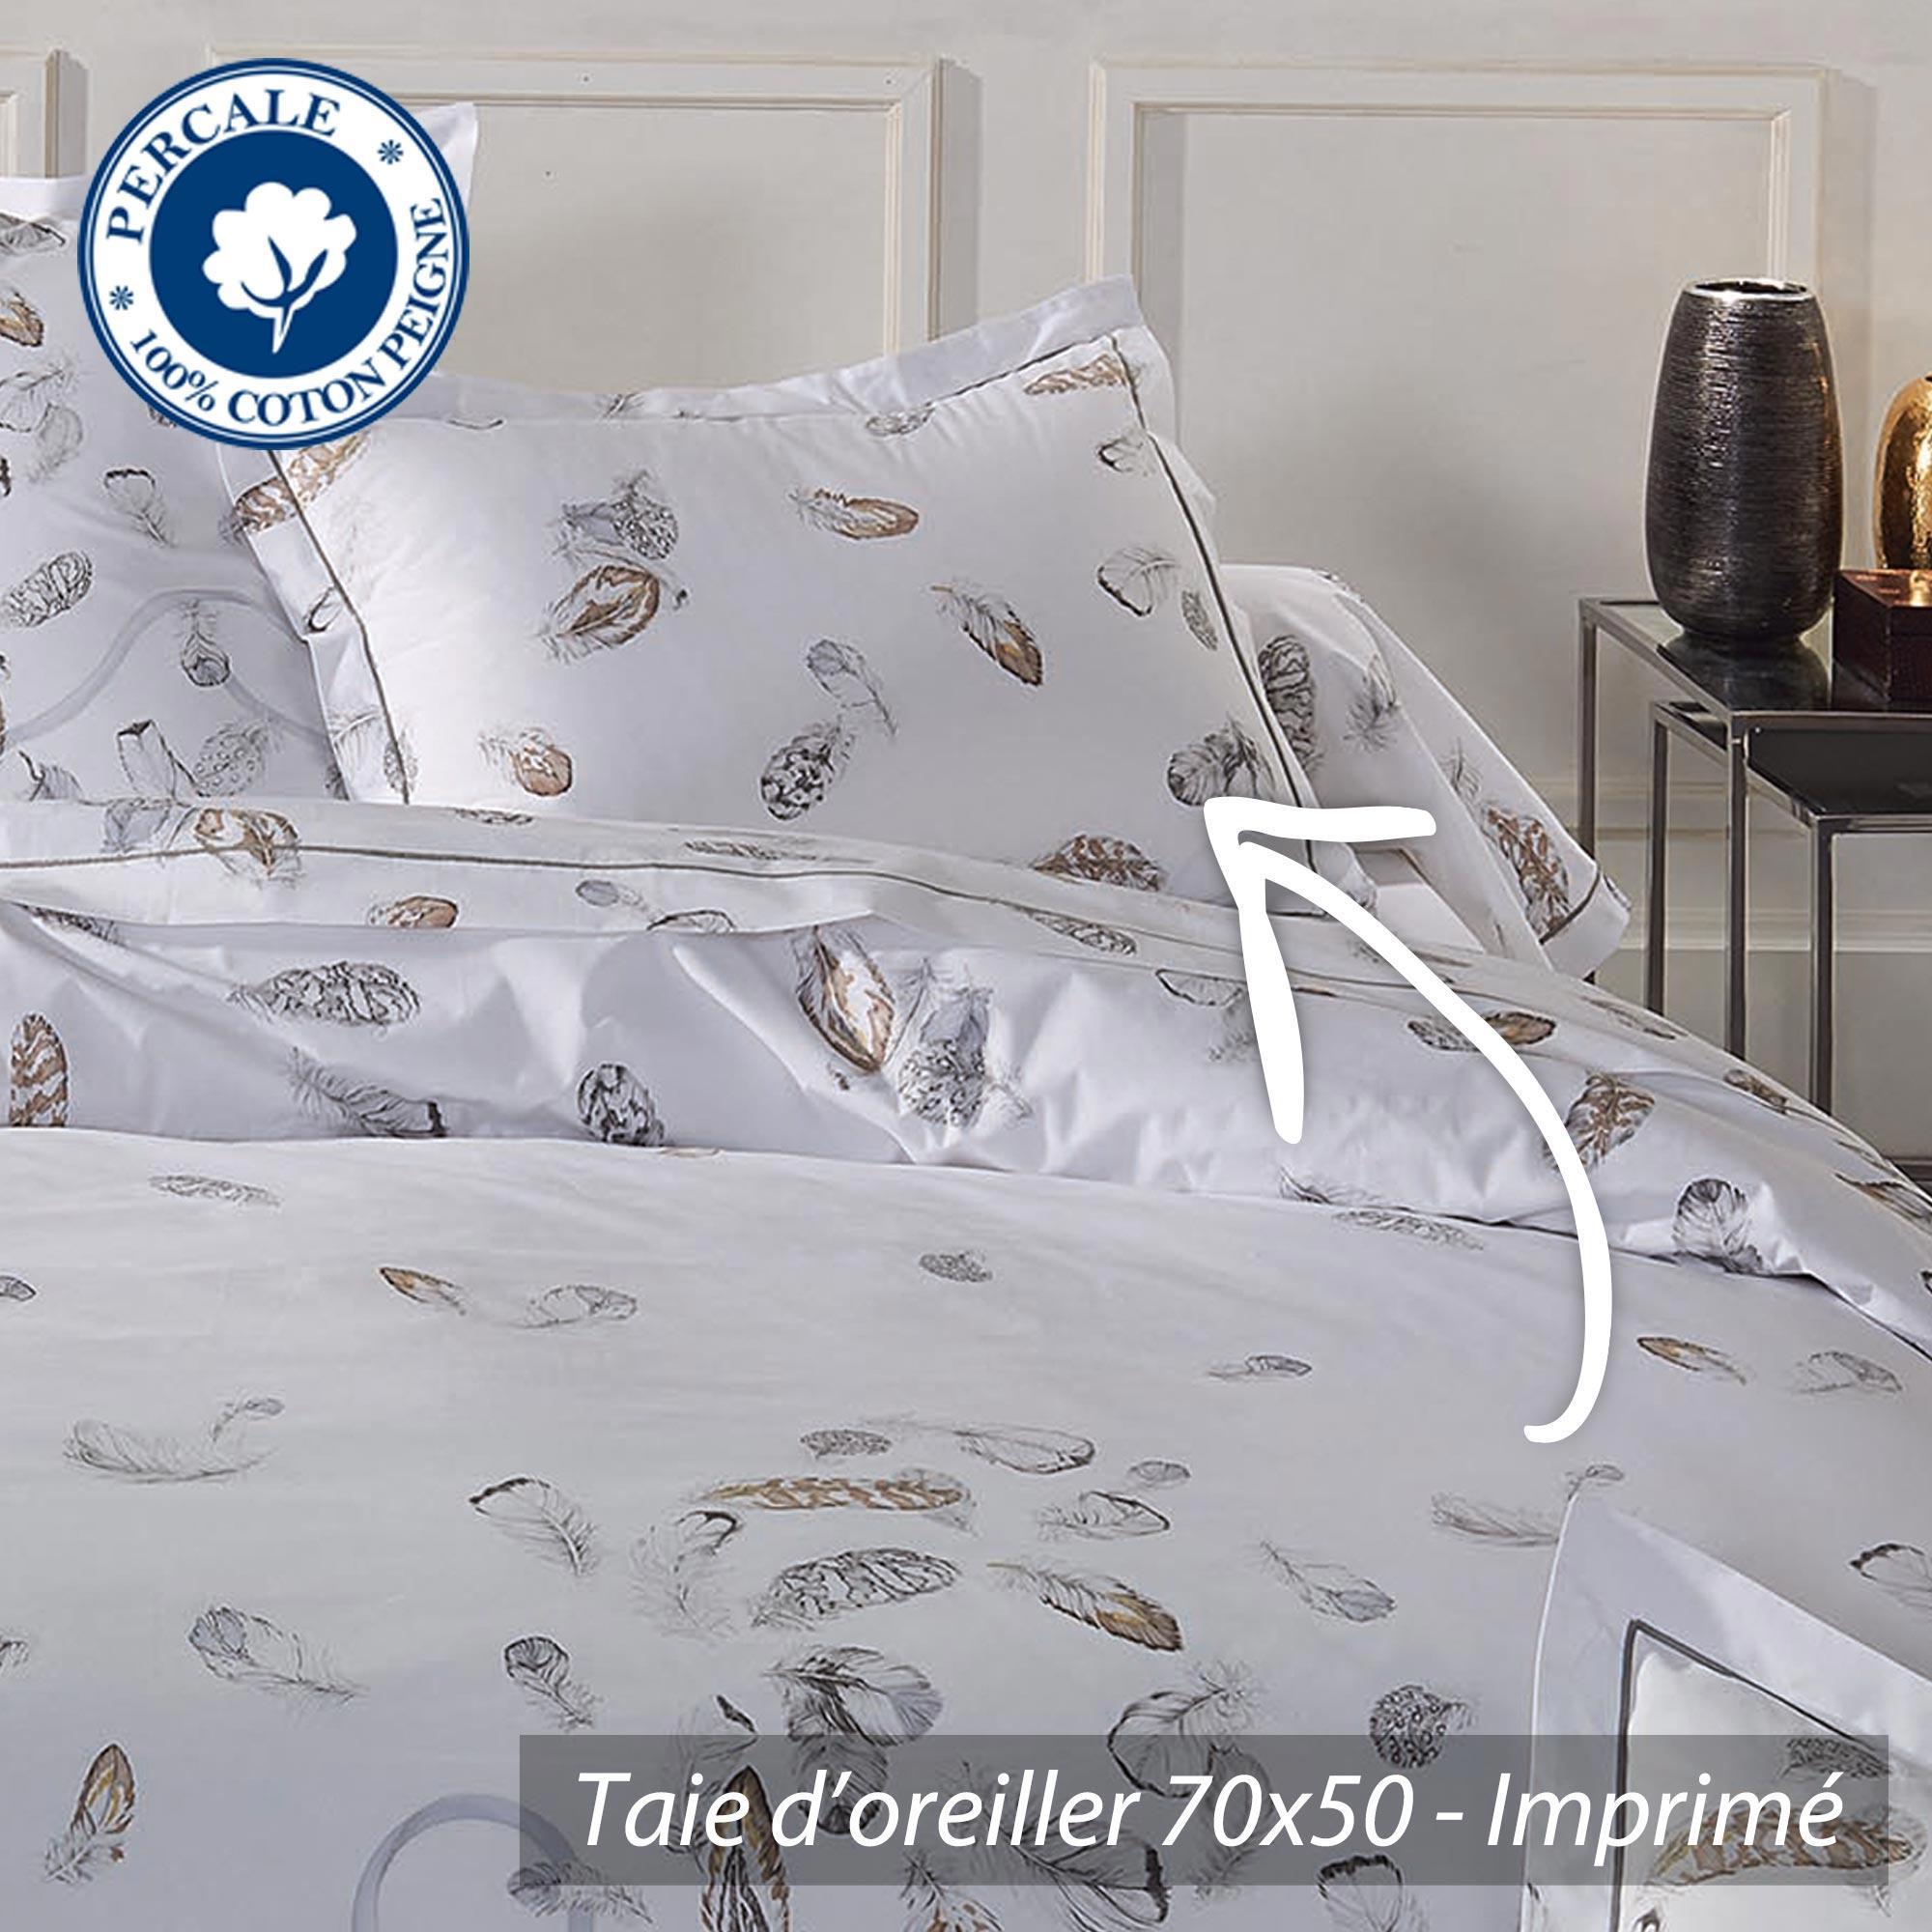 taie d 39 oreiller percale pur coton peign 70x50 cm plumes linnea vente de linge de maison. Black Bedroom Furniture Sets. Home Design Ideas